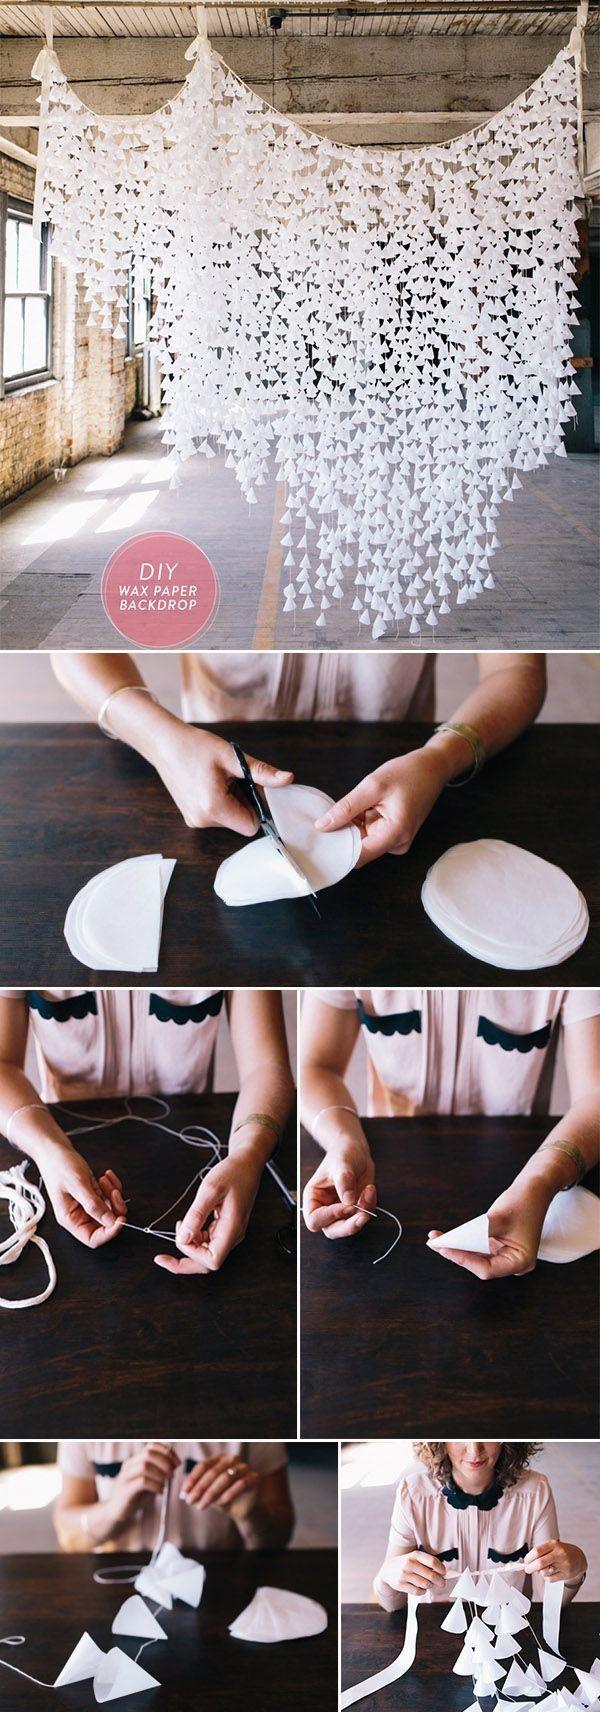 diy wax paper wedding backdrop ideas